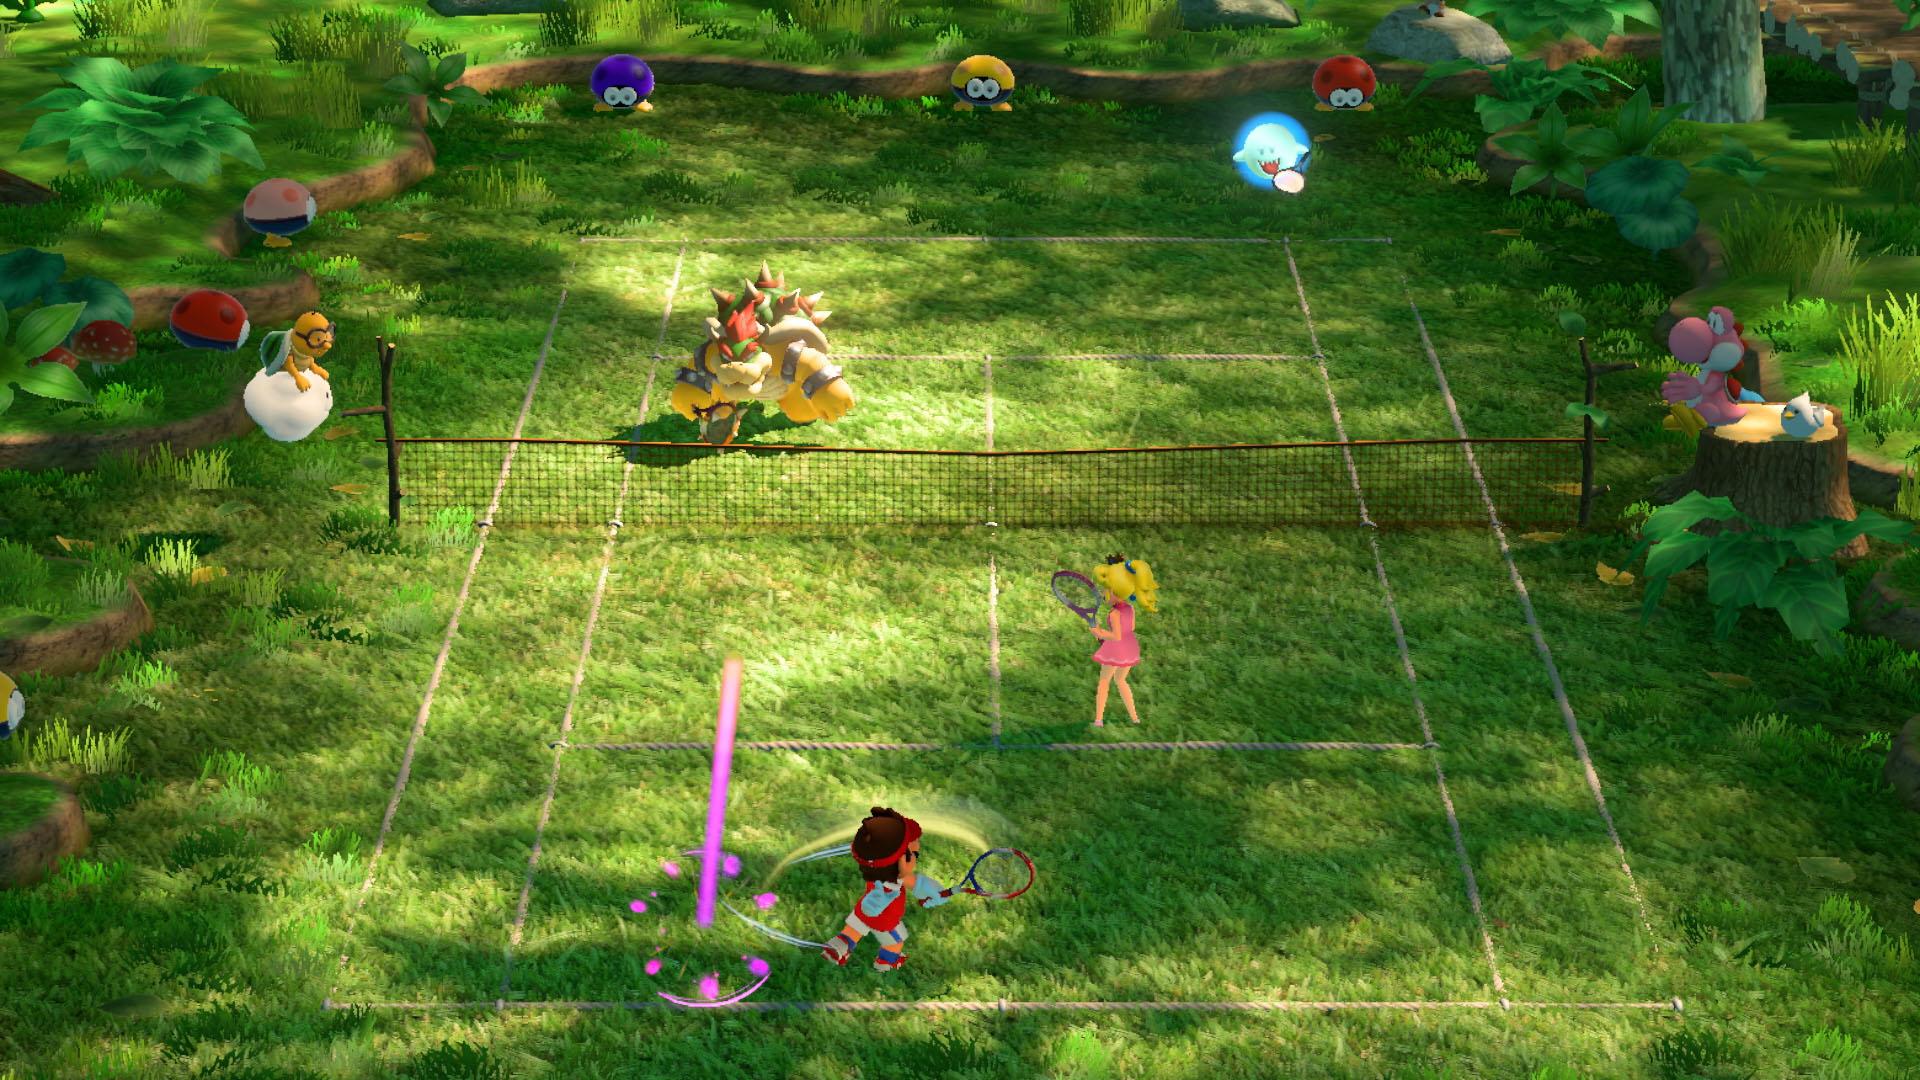 Mario tennis: Aces